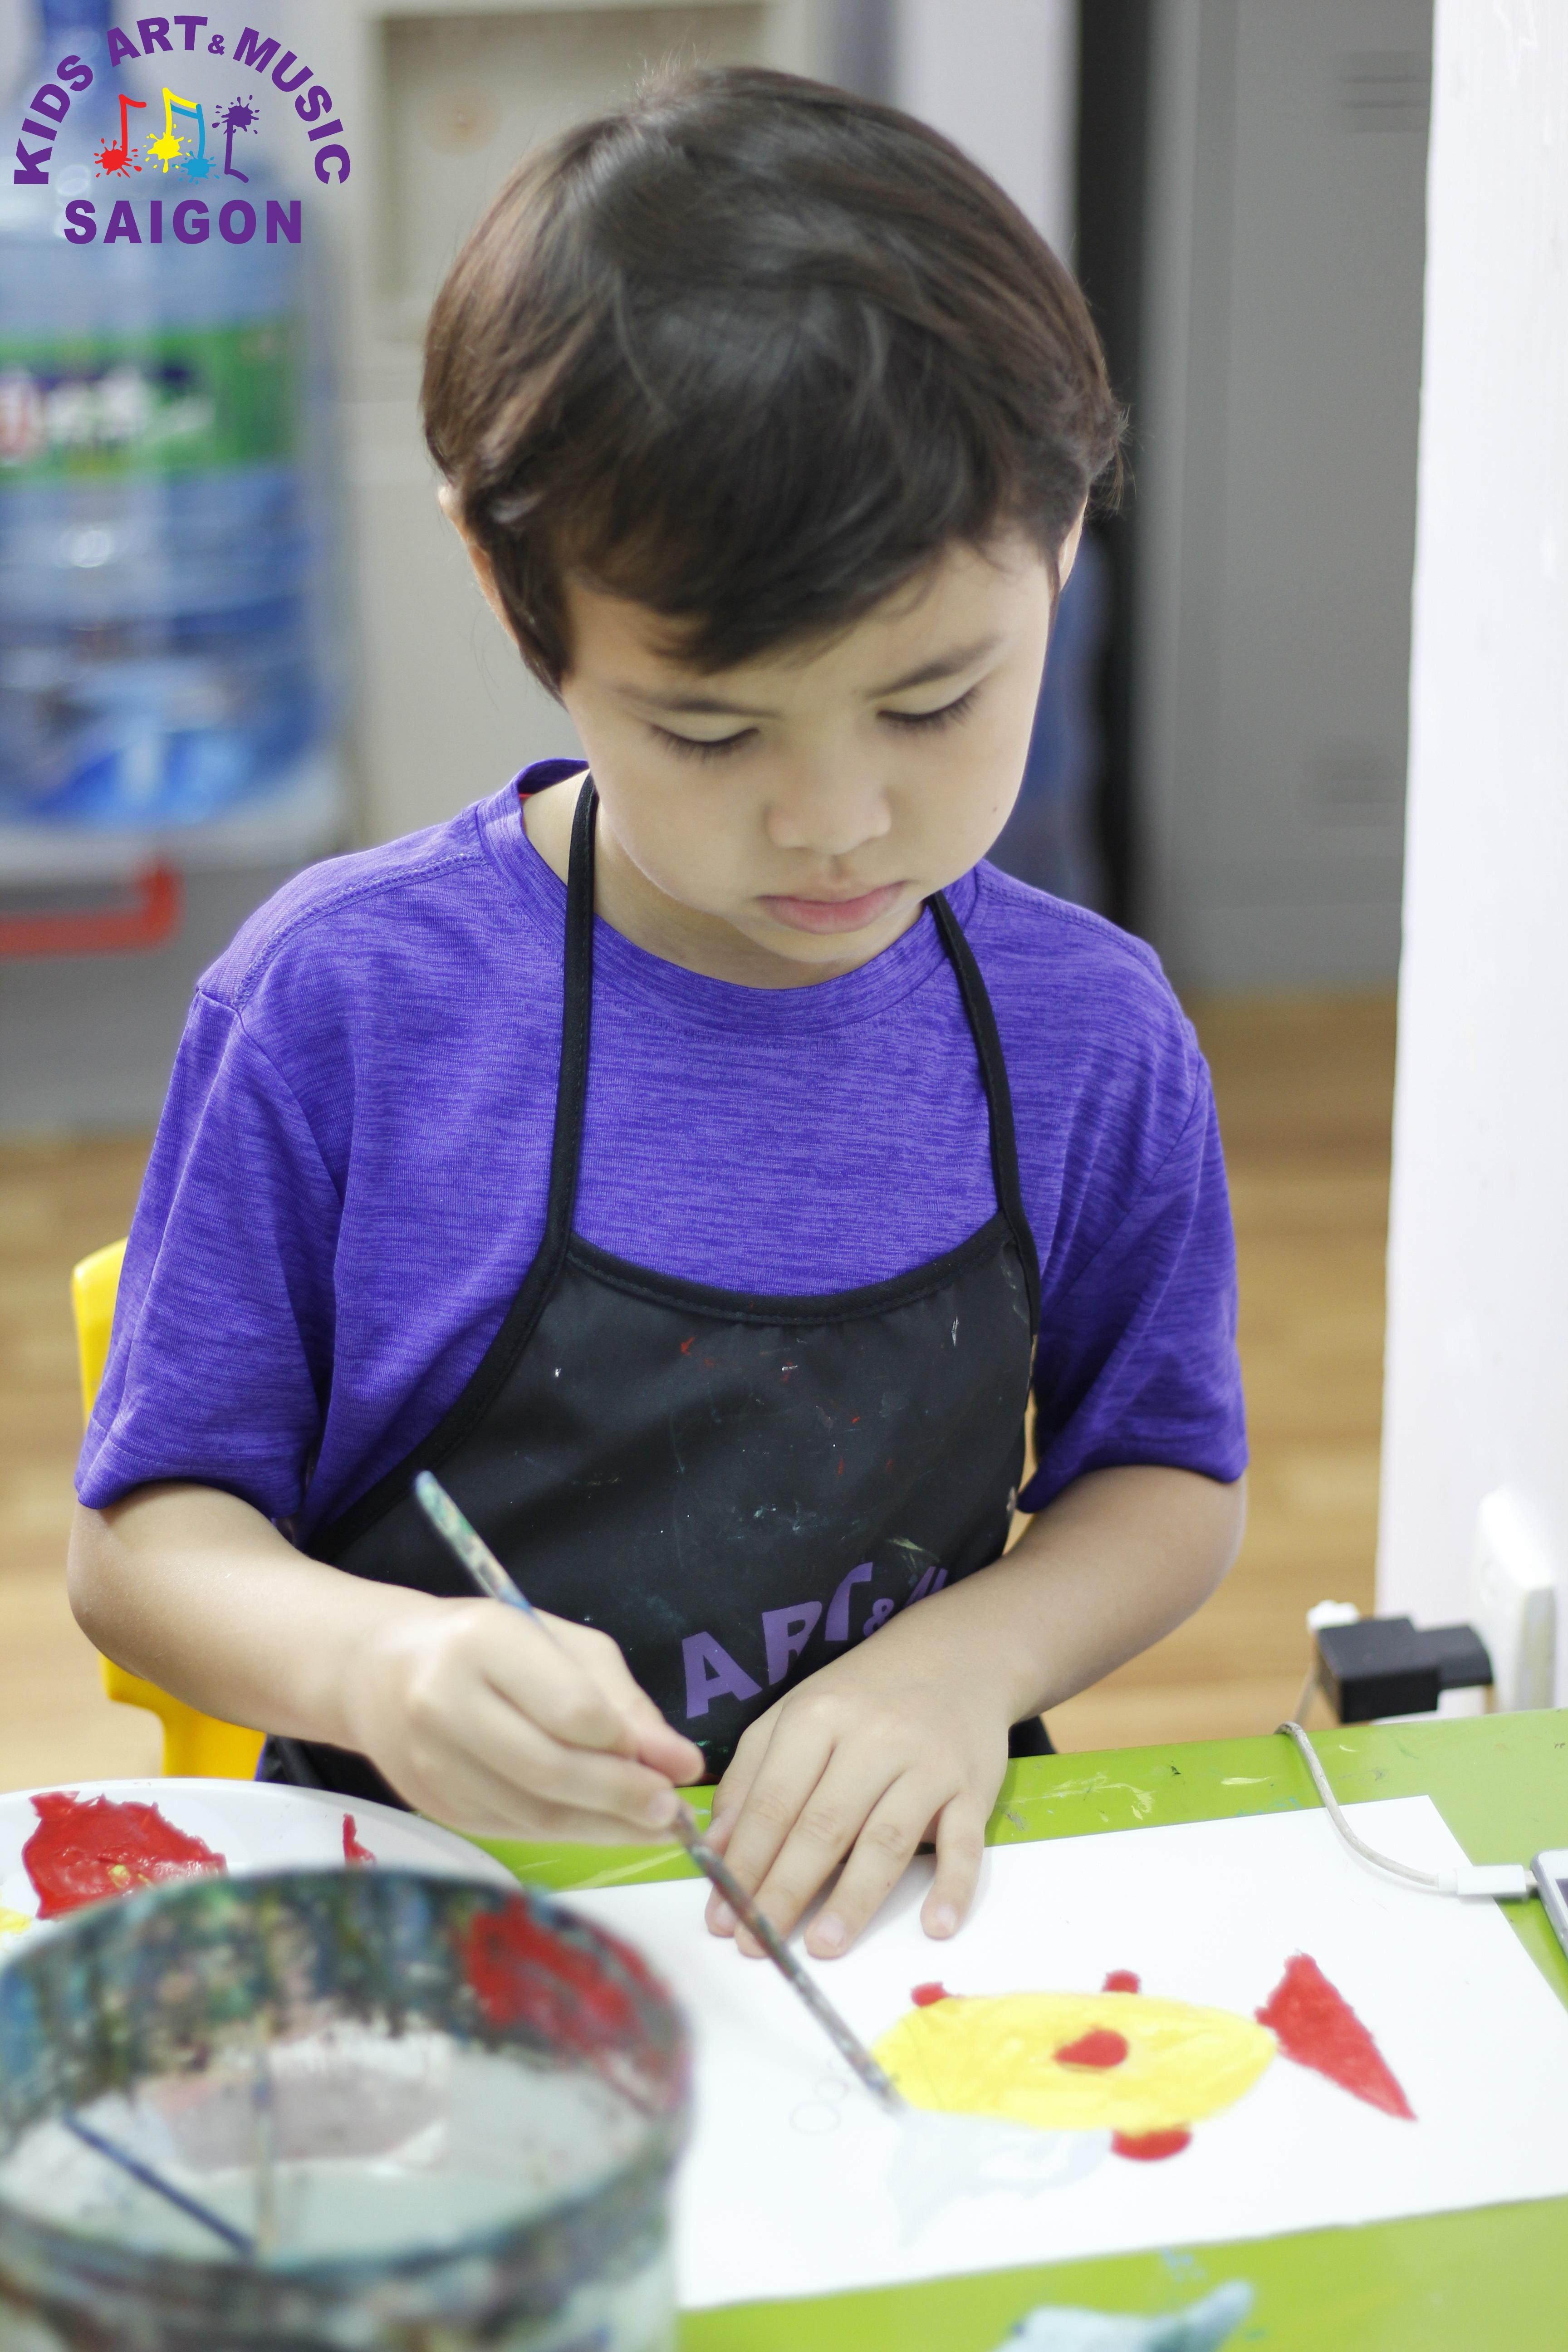 Lớp dạy vẽ cho trẻ em - Kids Art & Music Saigon TP.HCM hình ảnh 6